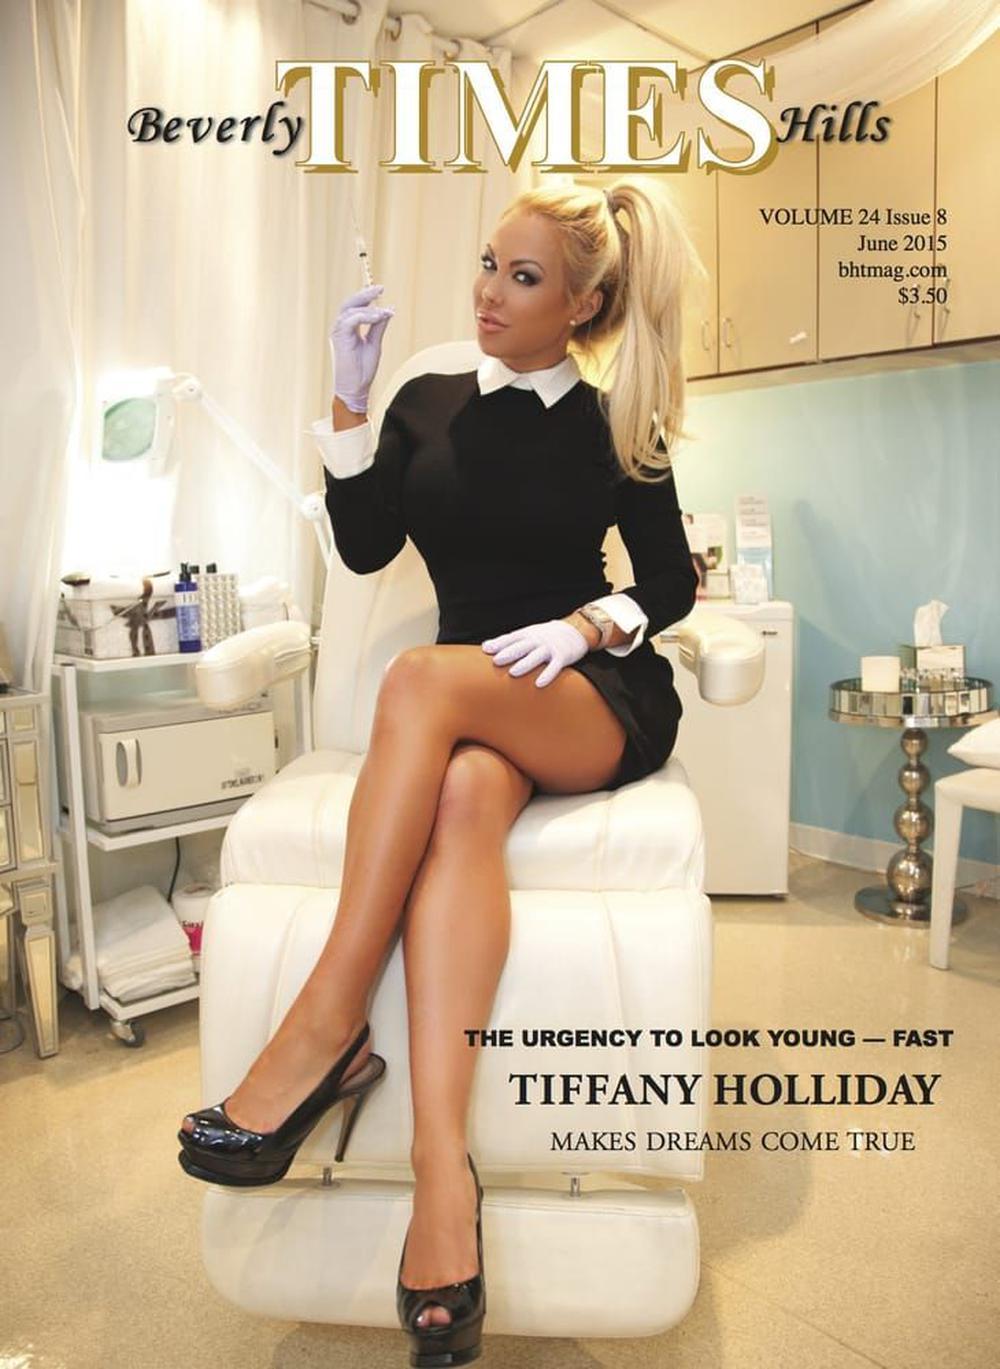 Beauty by Tiffany